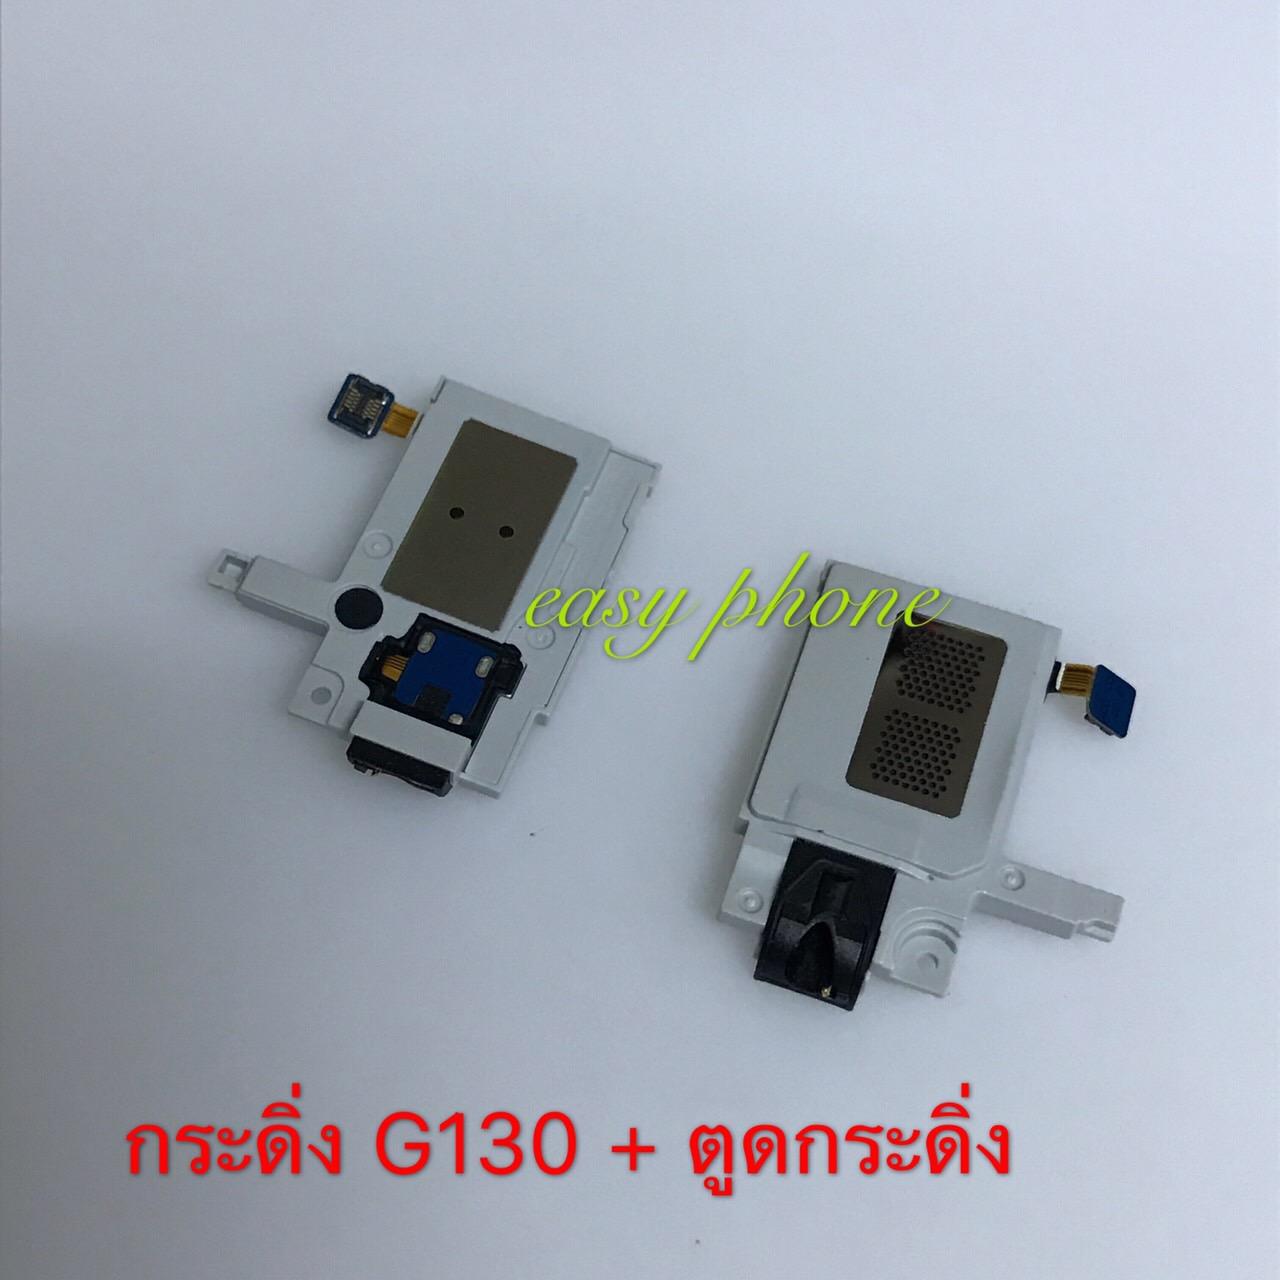 กระดิ่ง+ตูดกระดิ่ง Samsung G130